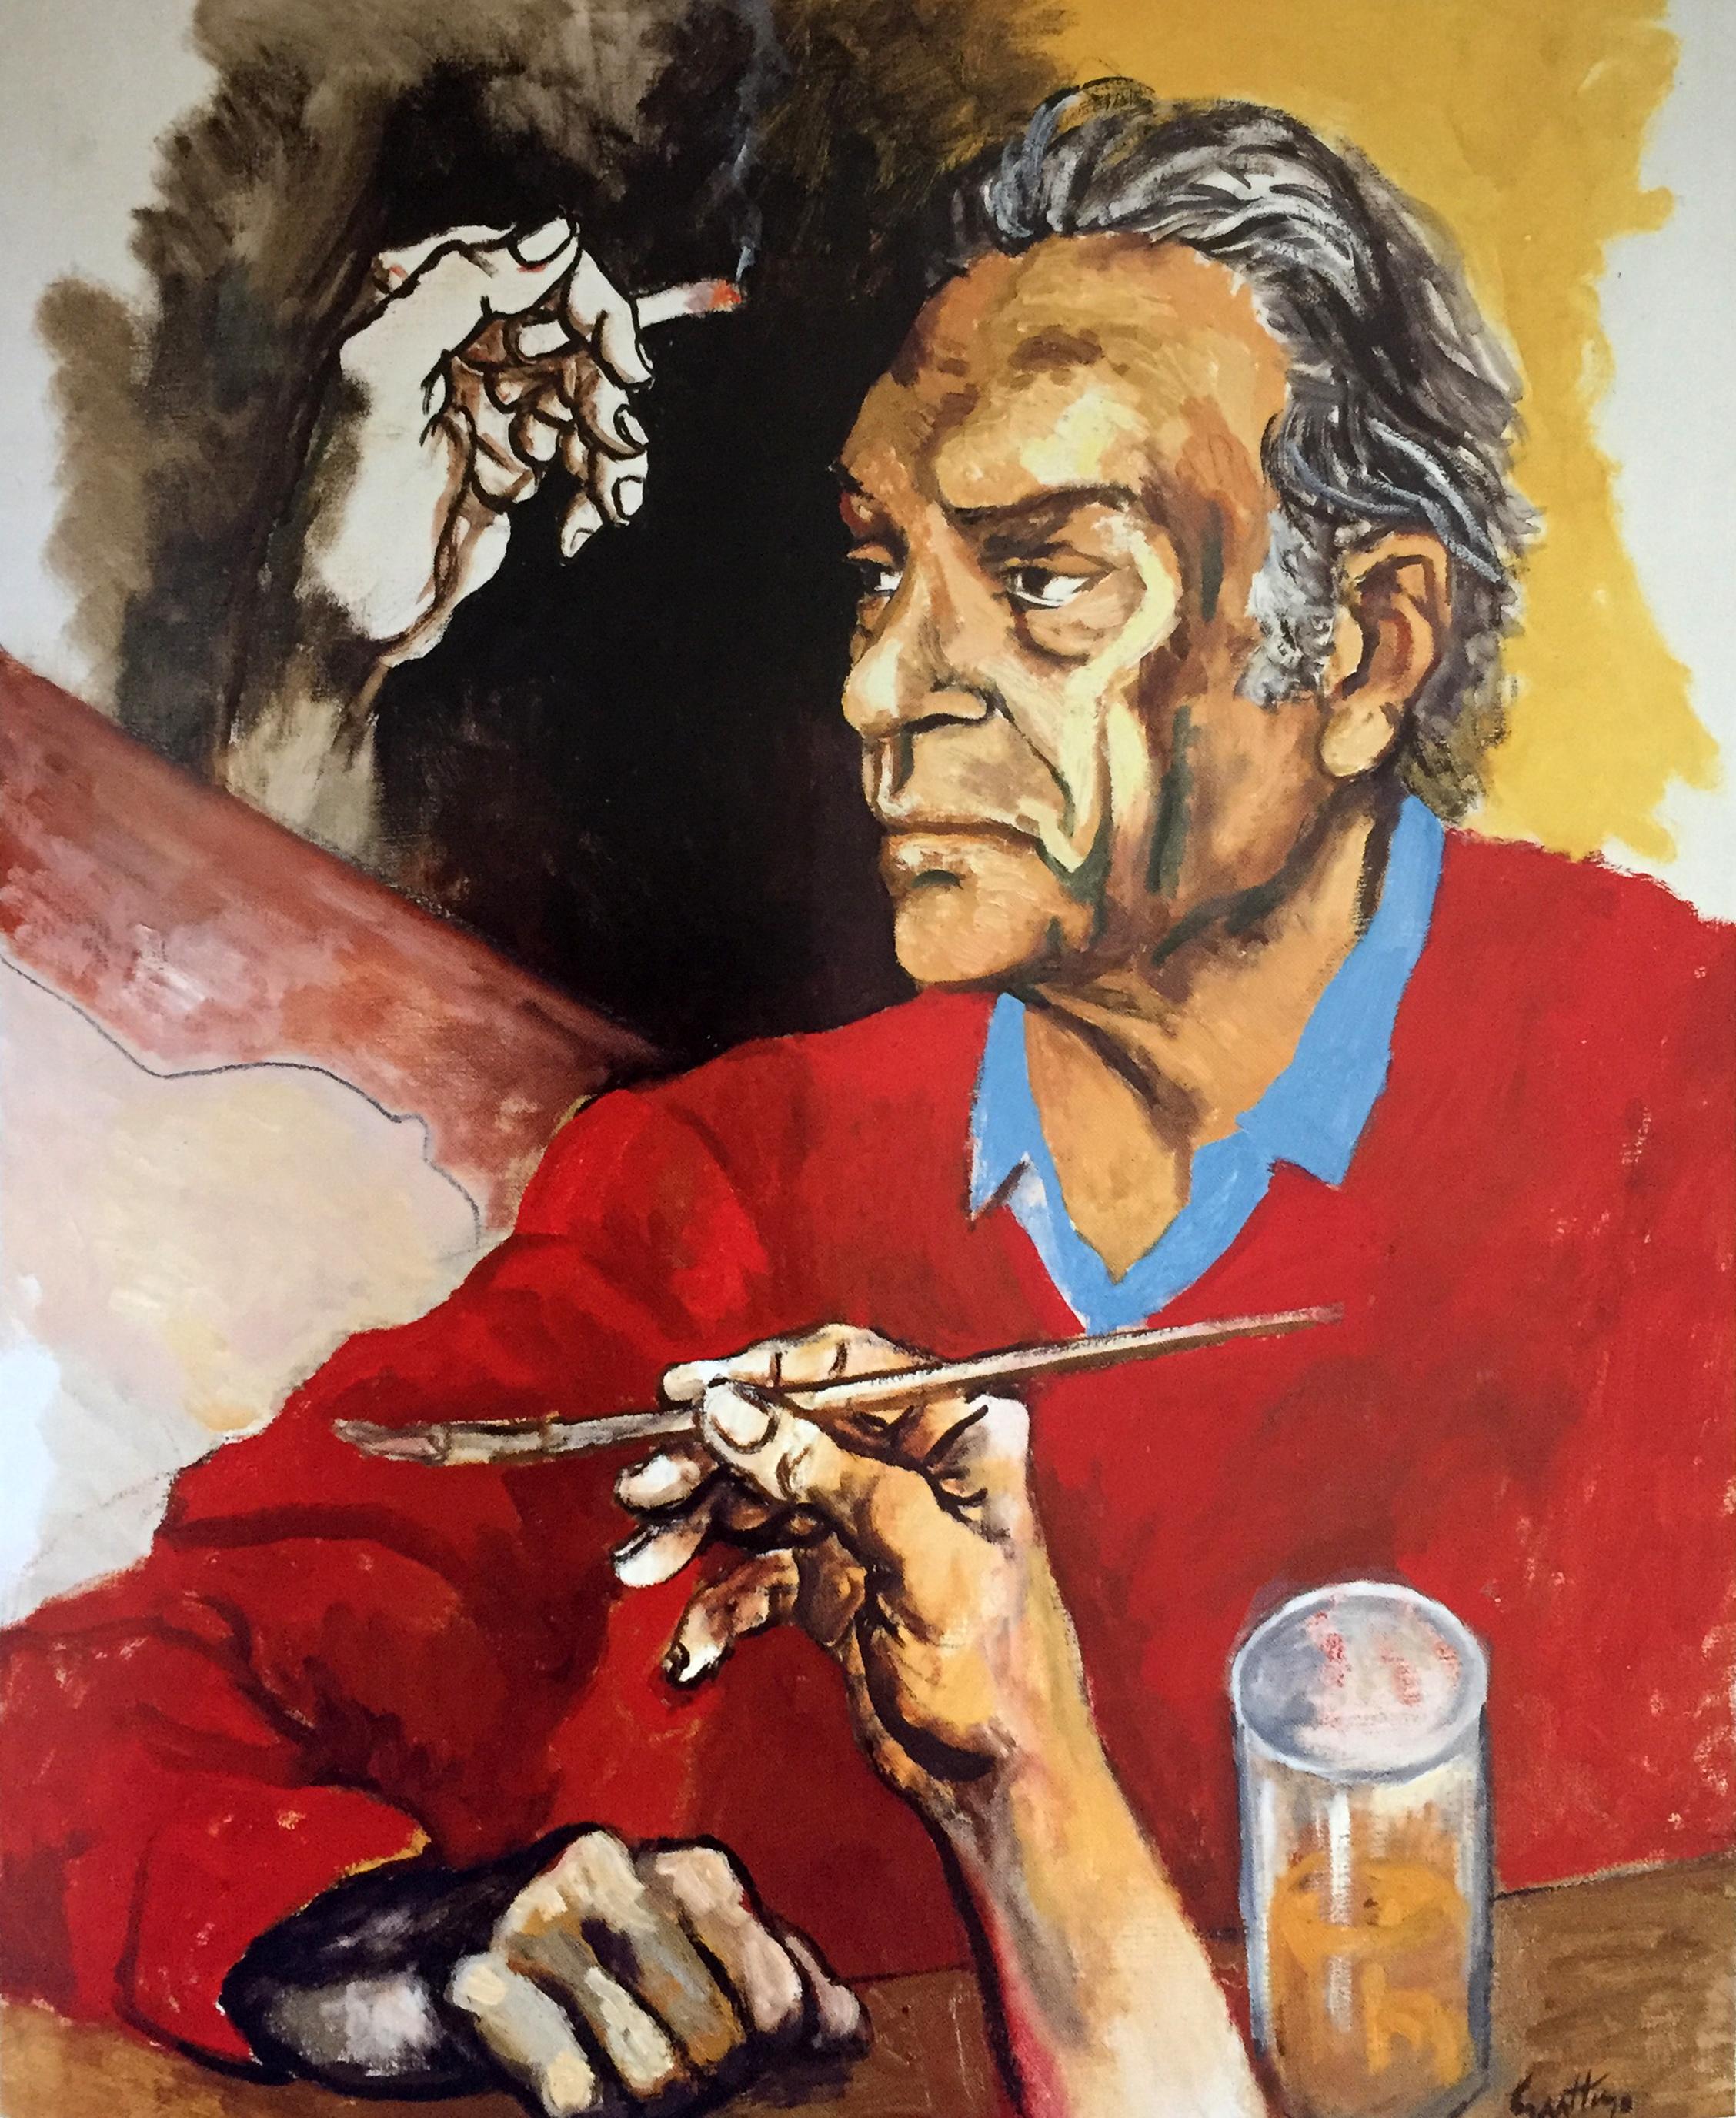 Renato Guttuso, Autoritratto, 1975, Archivi Guttuso, Roma